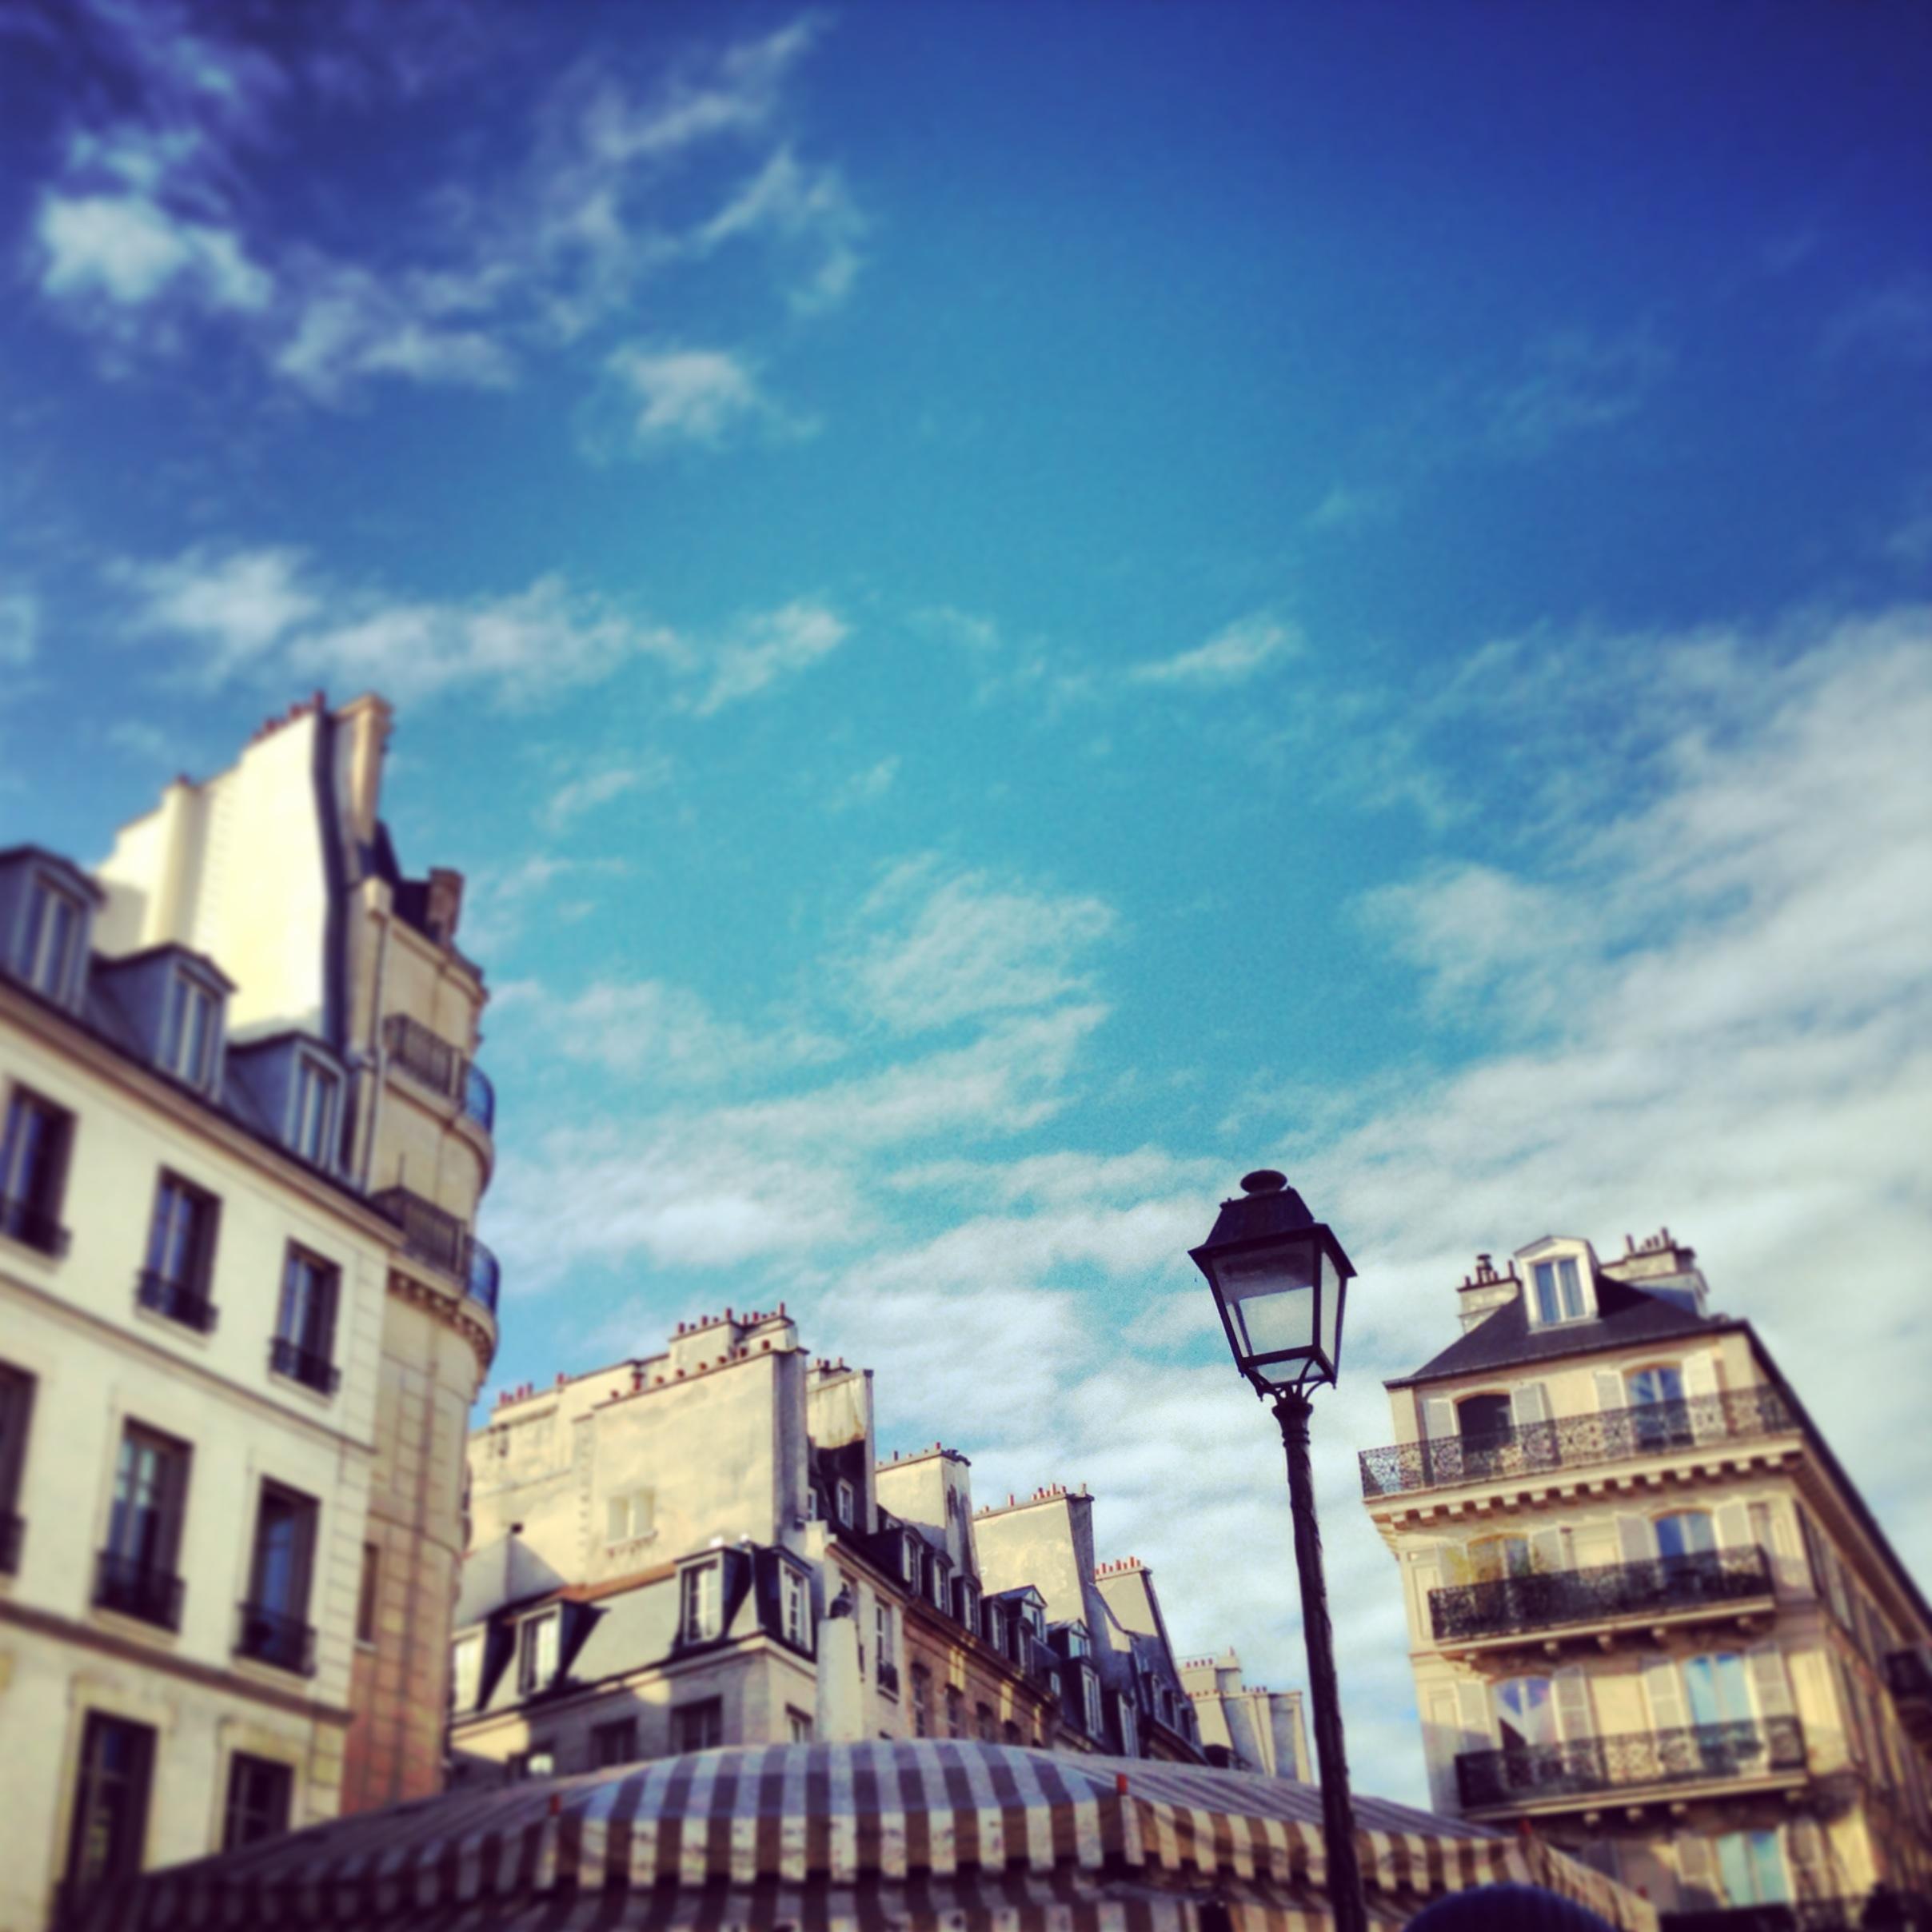 Felicità è quando la mattina metti fuori il naso nell'aria fresca e il cielo di Parigi ti saluta così